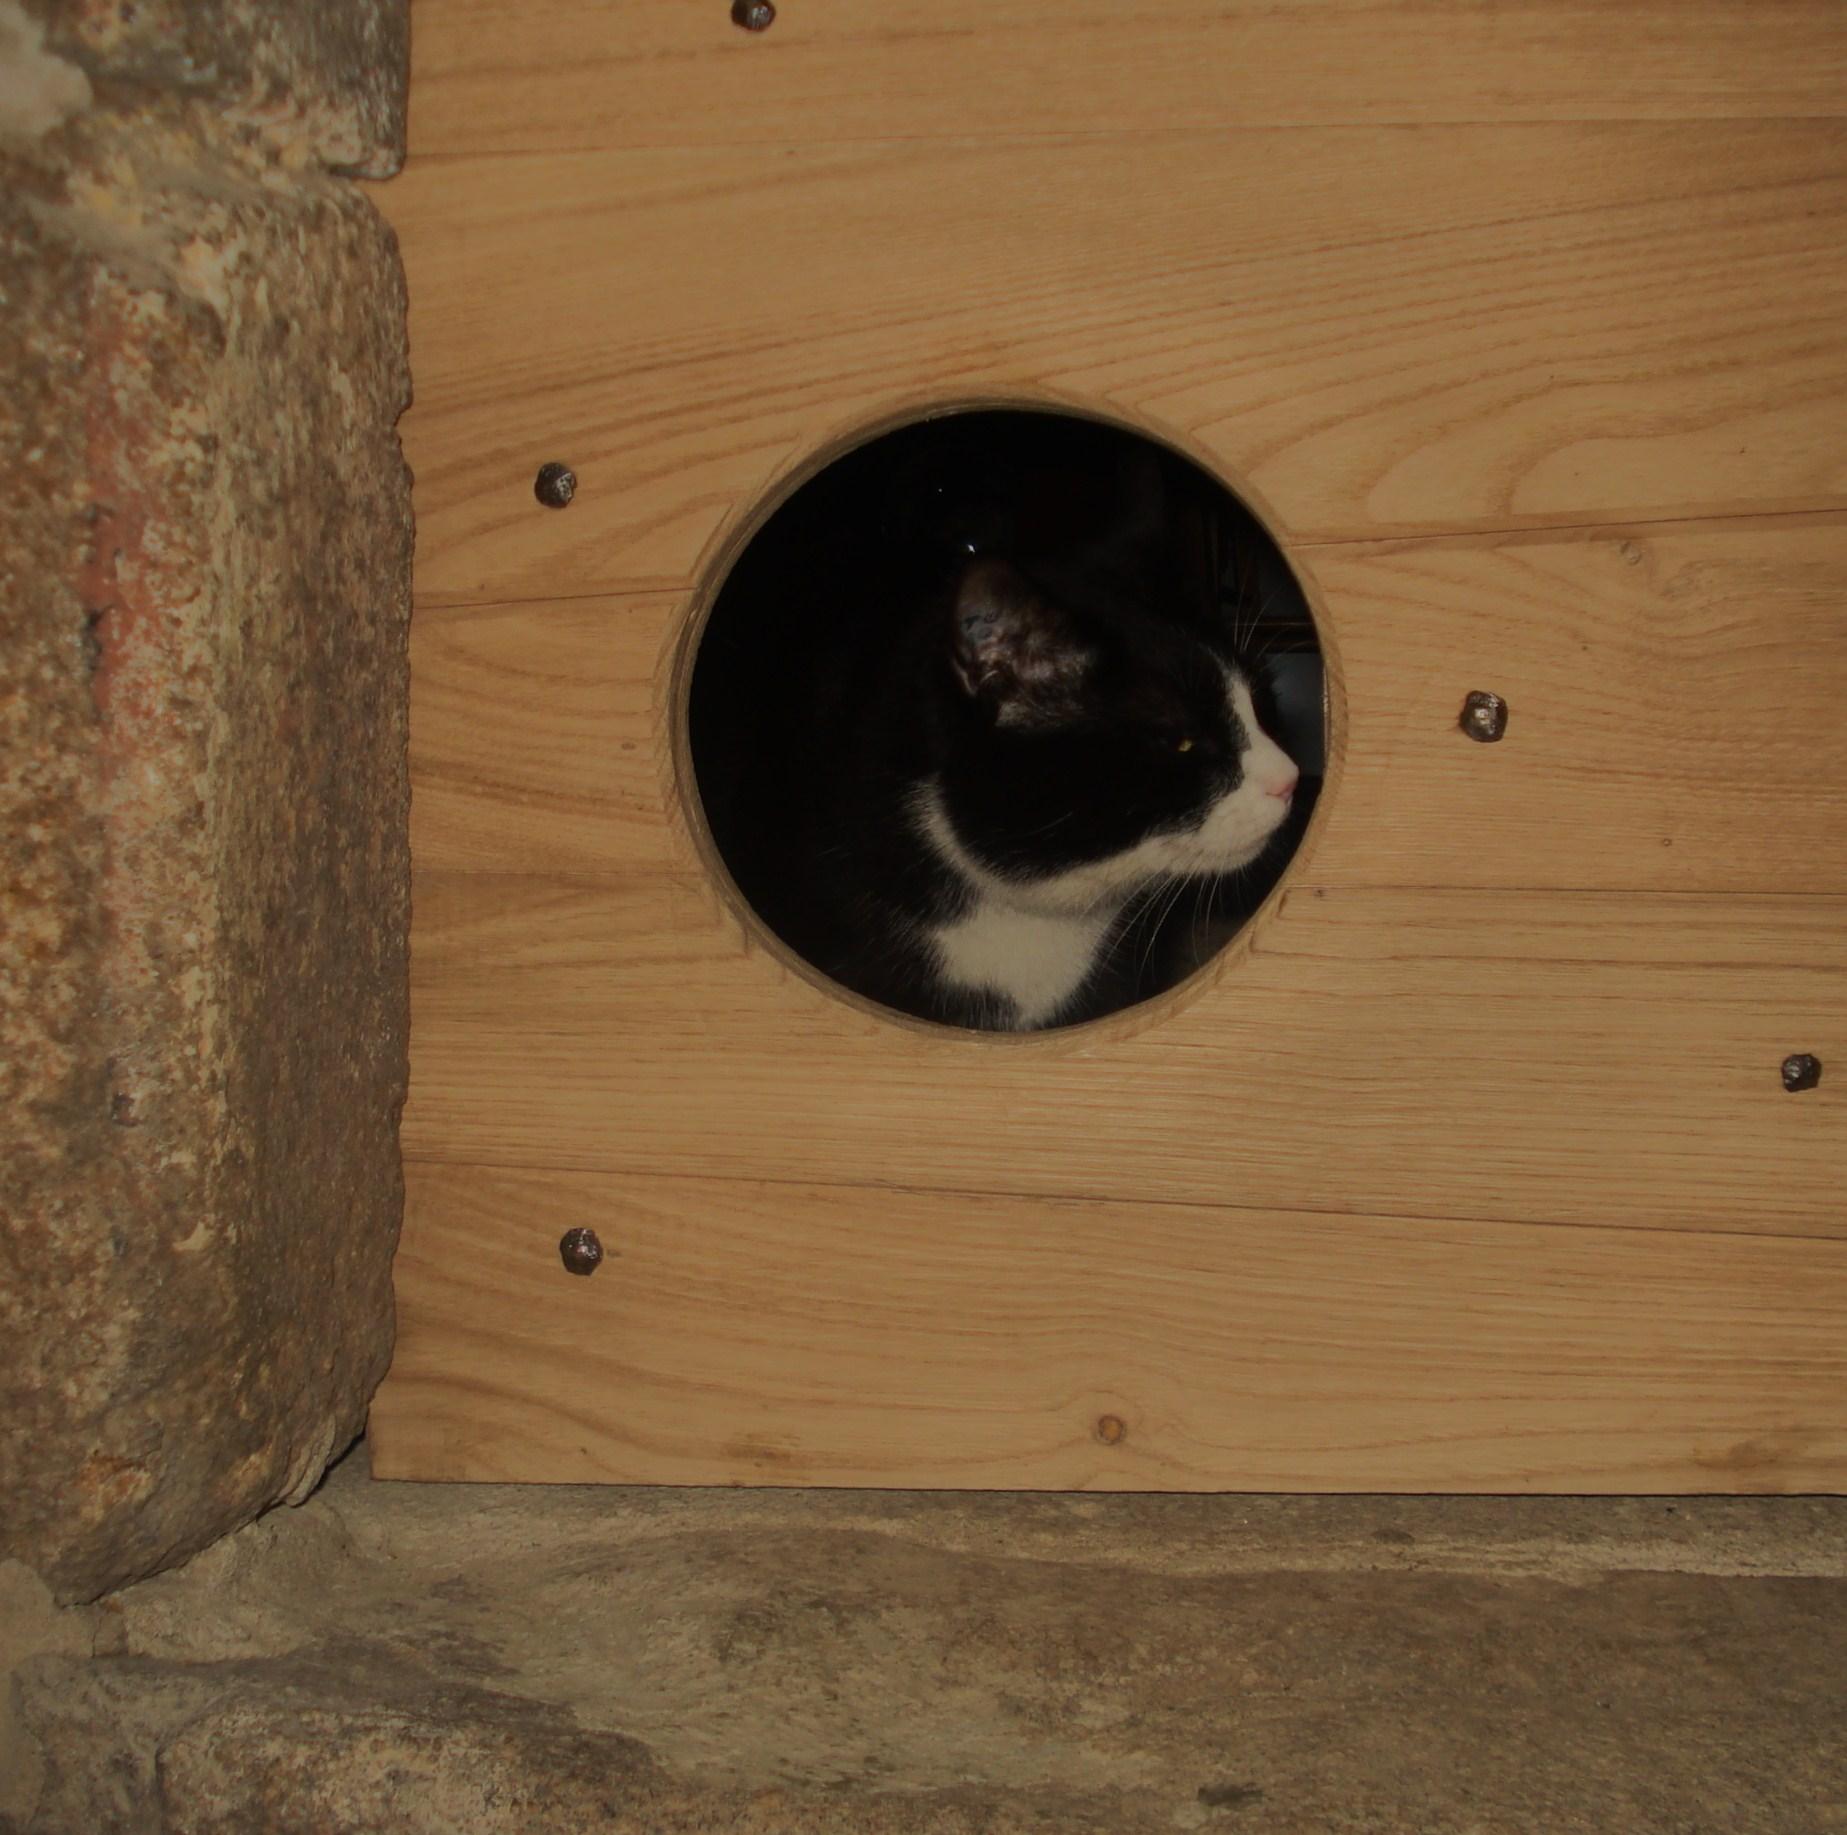 2010 12 des travaux d hiver au mesnil marie d une chati re et de la mani re dont on. Black Bedroom Furniture Sets. Home Design Ideas